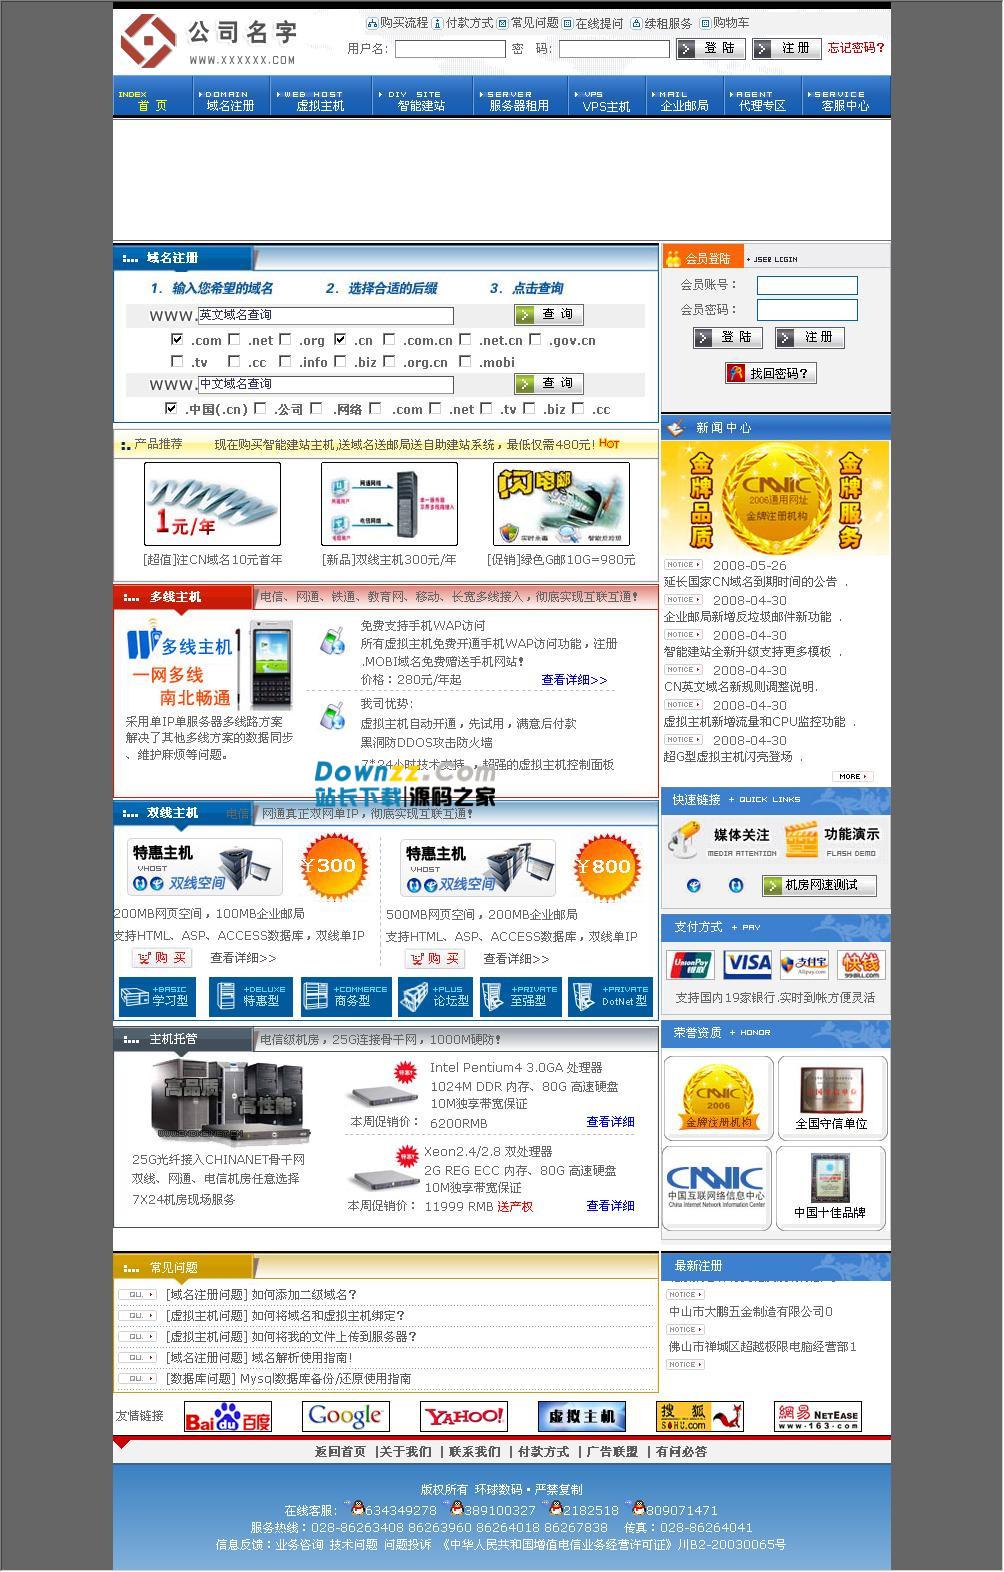 西部数码域名虚拟主机分销管理系统 v10.35